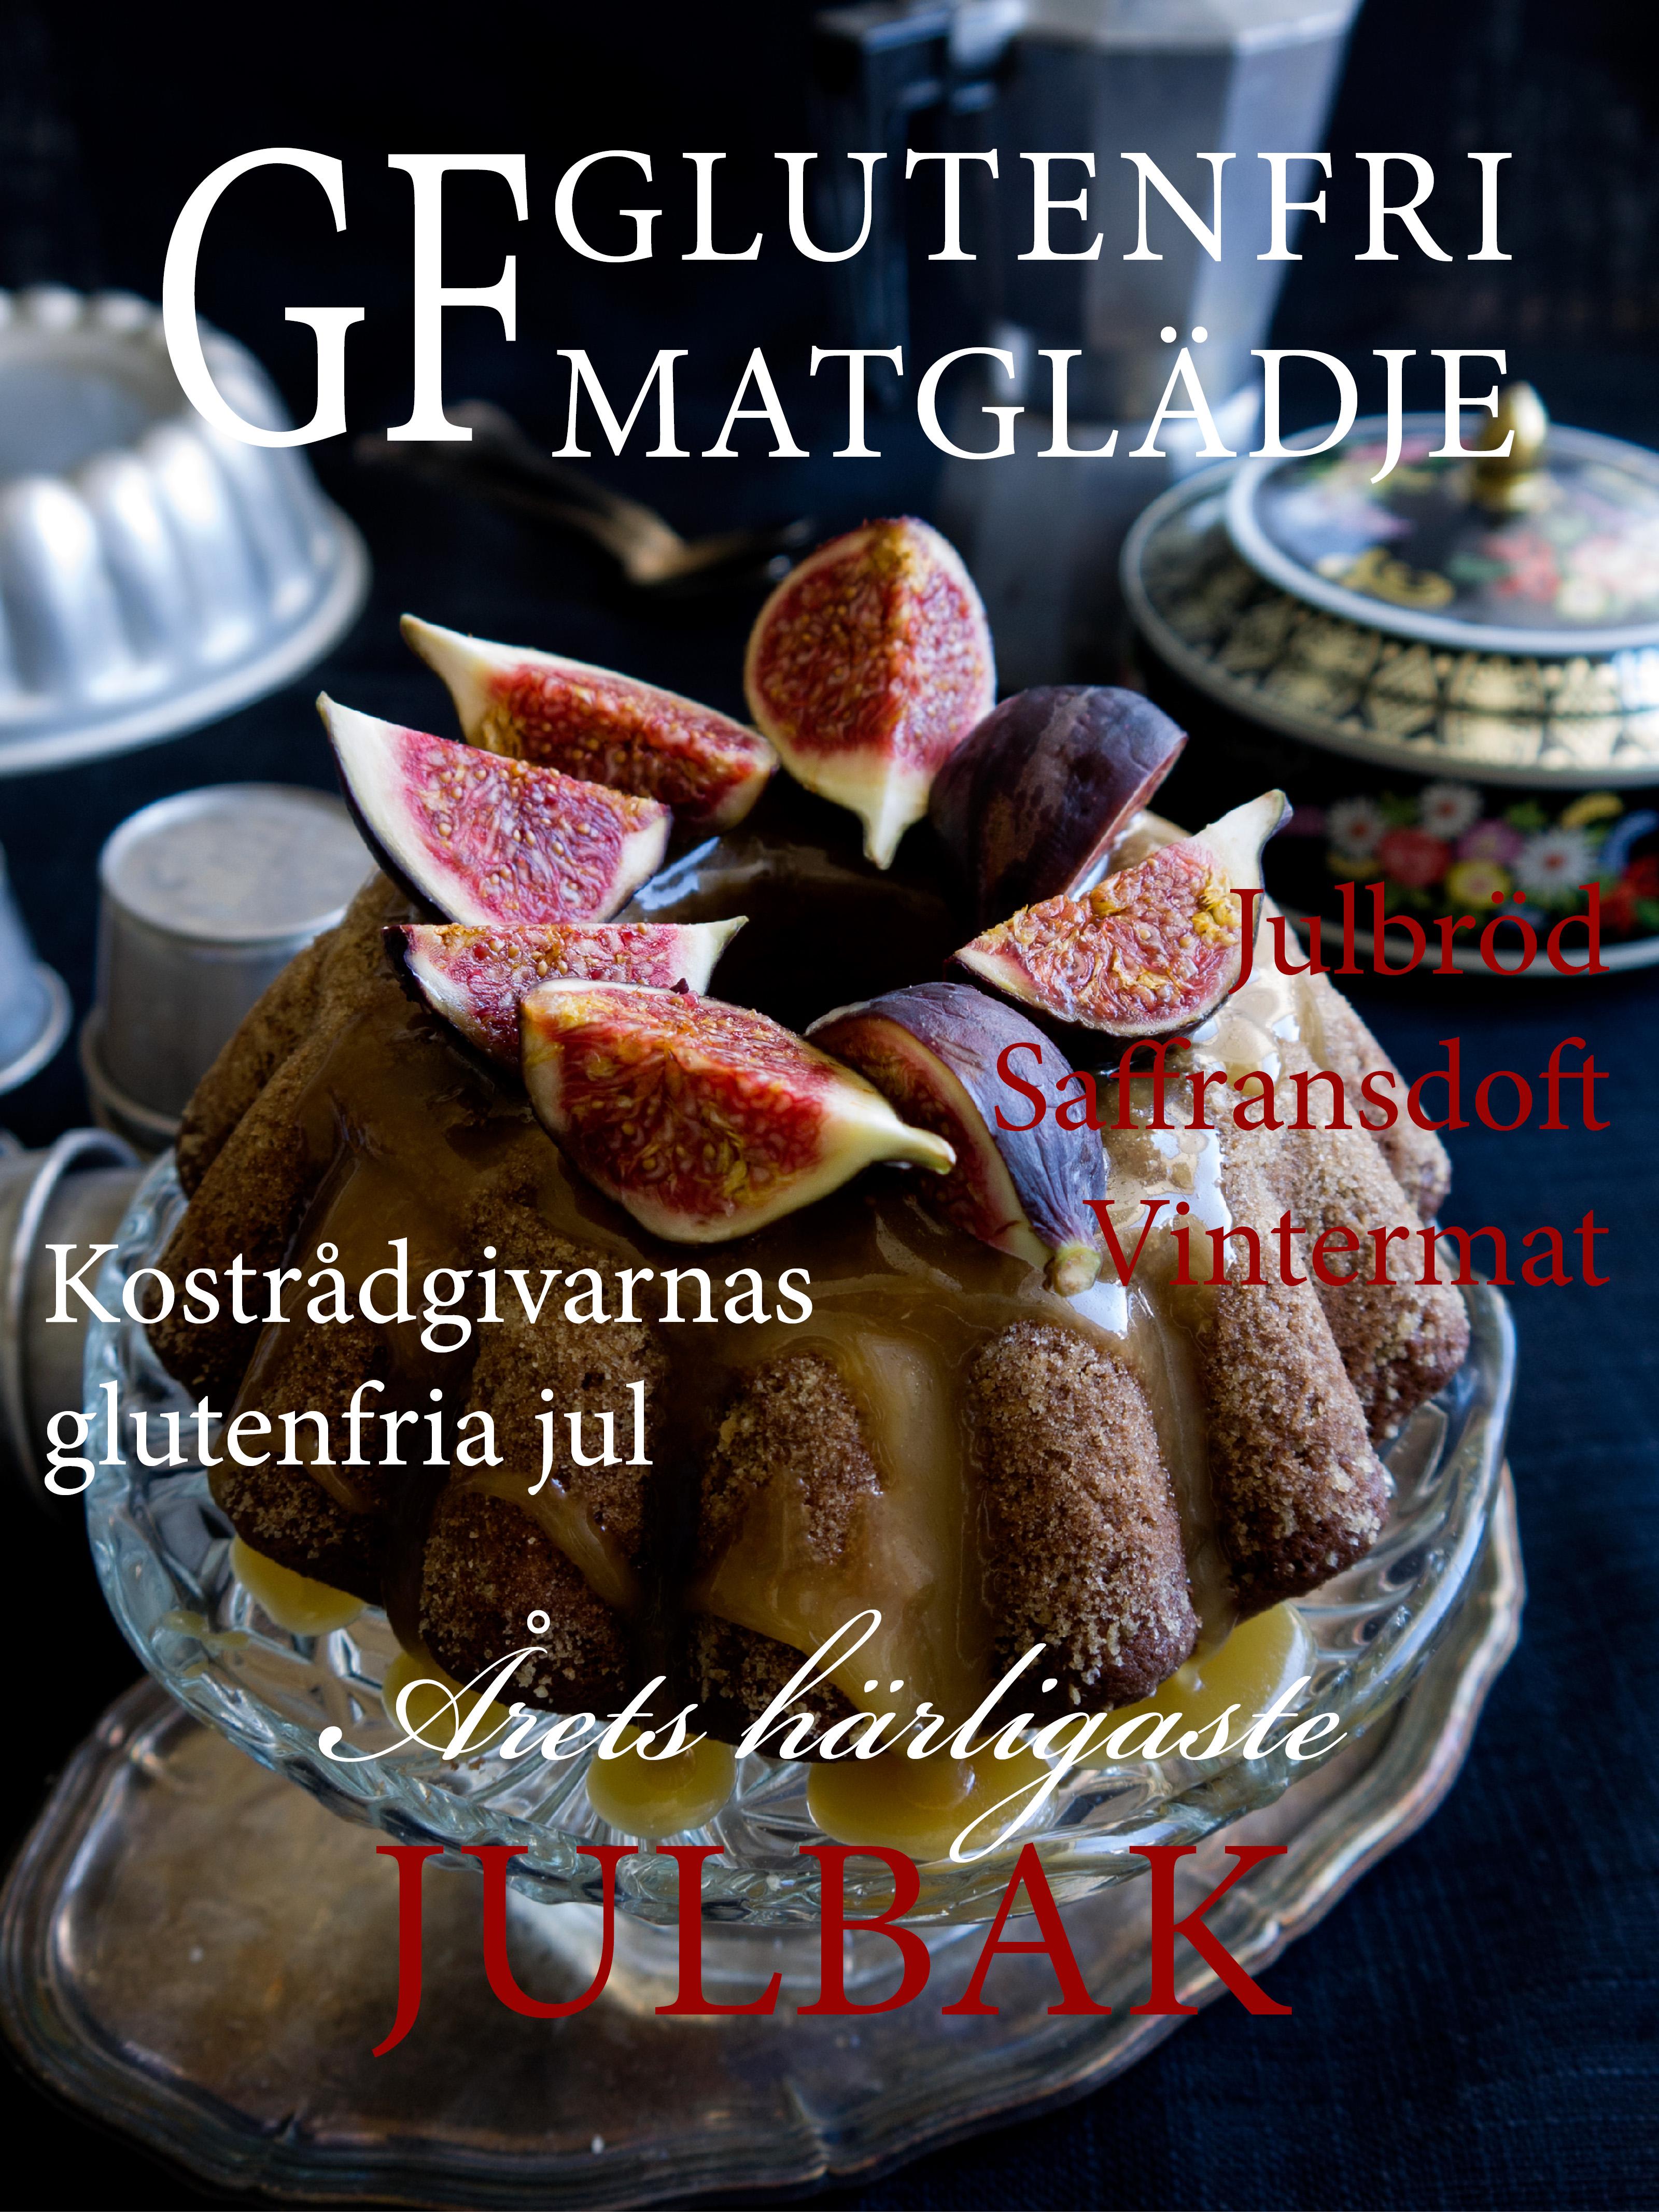 Omslaget till GF Glutenfri Matglädje nr 4, 2015